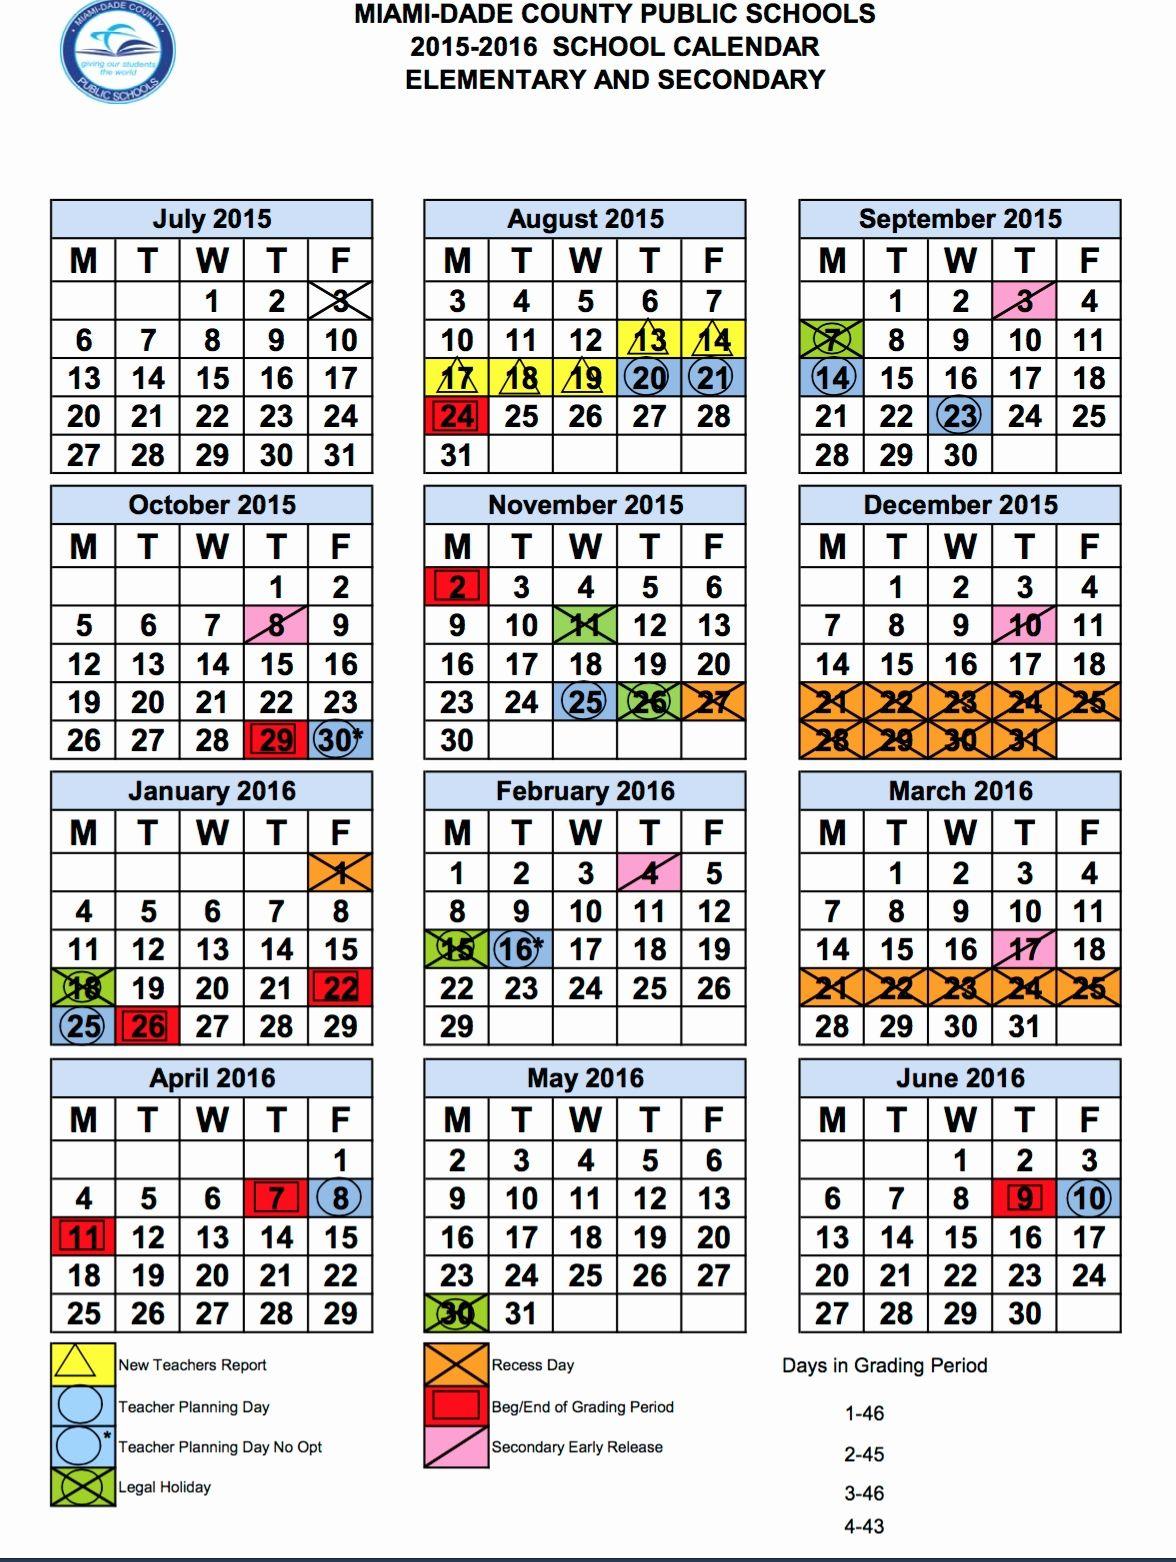 Uw Madison Academic Calendar 2022.Dashing School Calendar In Miami Dade School Calendar Homeschool Calendar High School Calendar